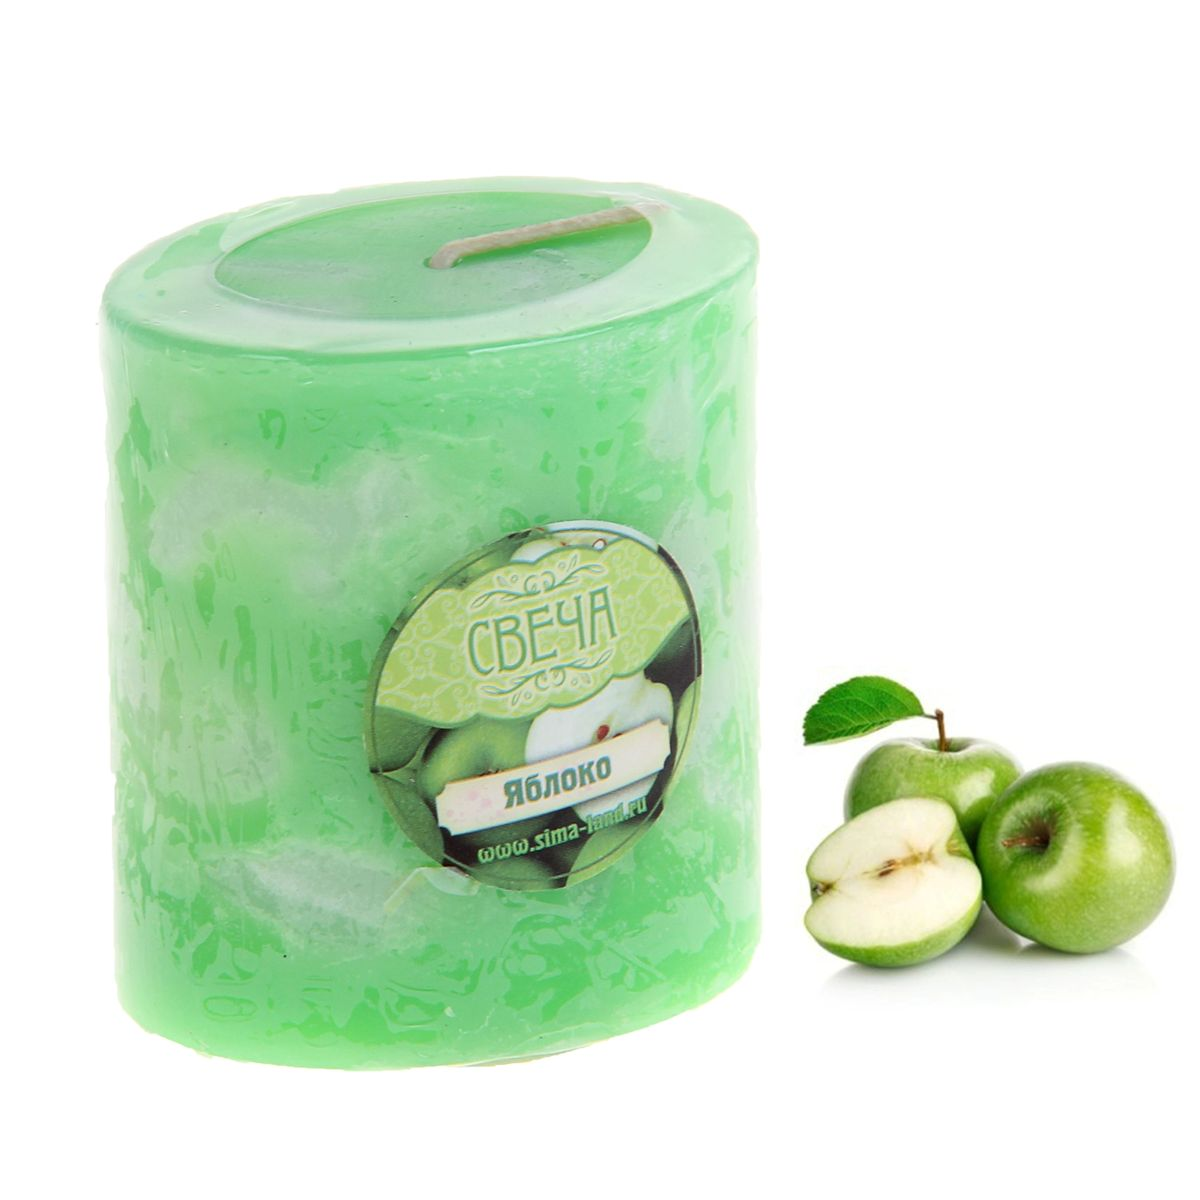 Свеча ароматизированная Sima-land Слияние, с ароматом яблока, цвет: зеленый, белый, высота 7 смRG-D31SАроматизированная свеча Sima-land Слияние изготовлена из воска. Изделие отличается оригинальным дизайном и приятным ароматом яблока.Свеча Sima-land Слияние - это прекрасный выбор для тех, кто хочет сделать запоминающийся презент родным и близким. Она поможет создать атмосферу праздника. Такой подарок запомнится надолго.